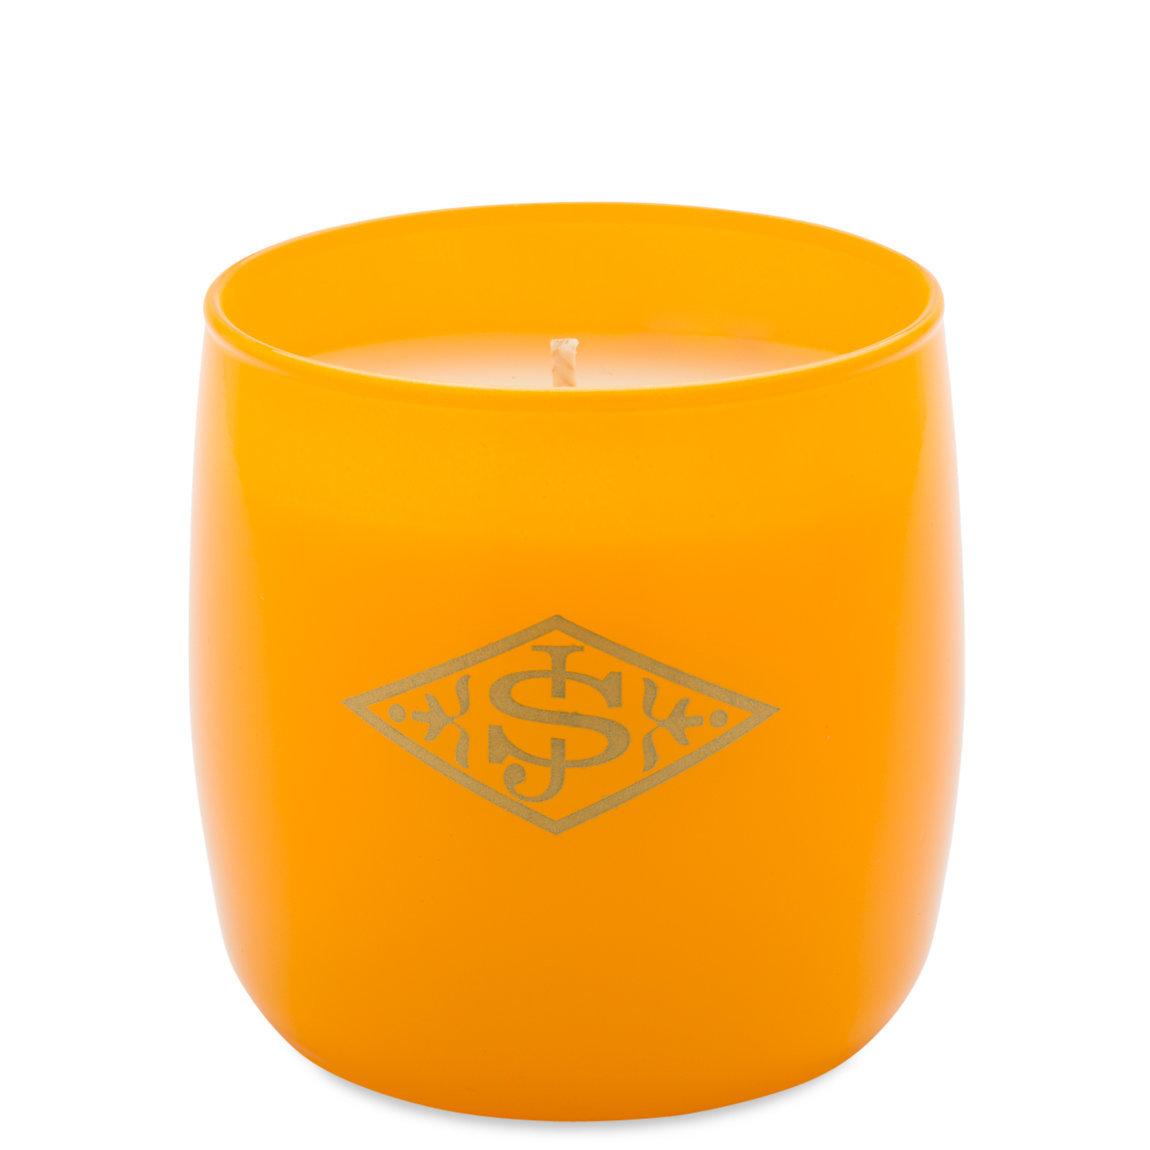 Sol de Janeiro Cheirosa '62 Candle